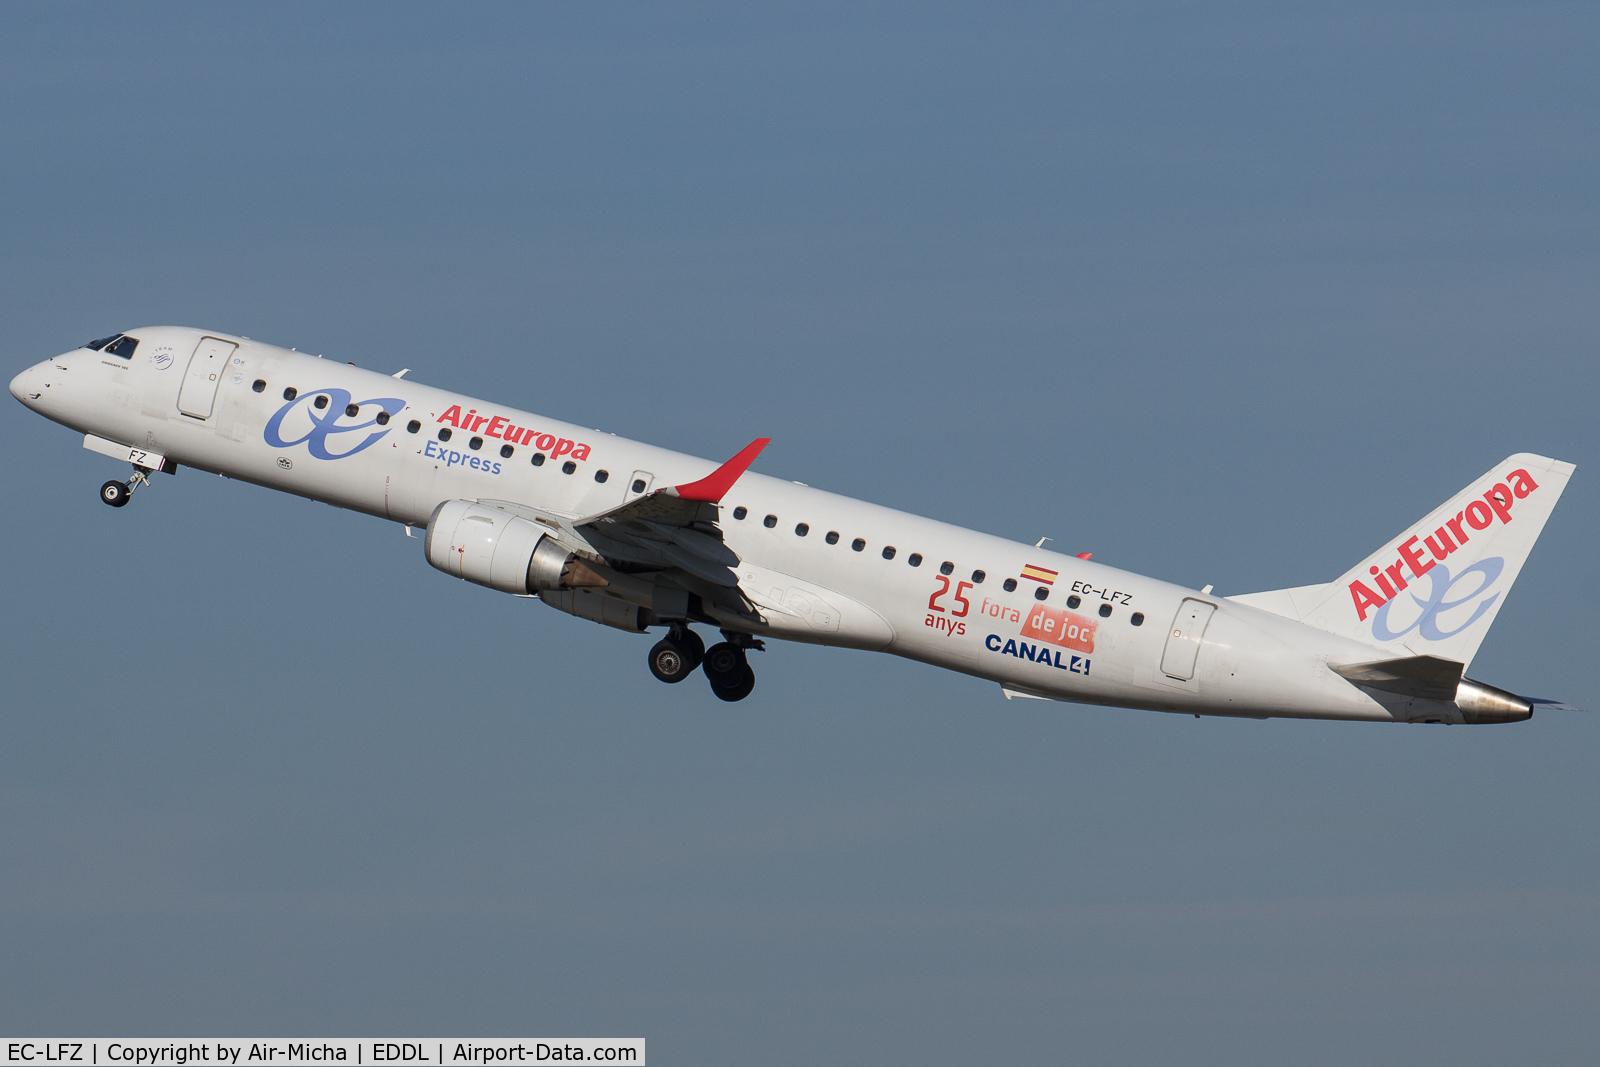 EC-LFZ, 2010 Embraer 195LR (ERJ-190-200LR) C/N 19000357, AirEuropa